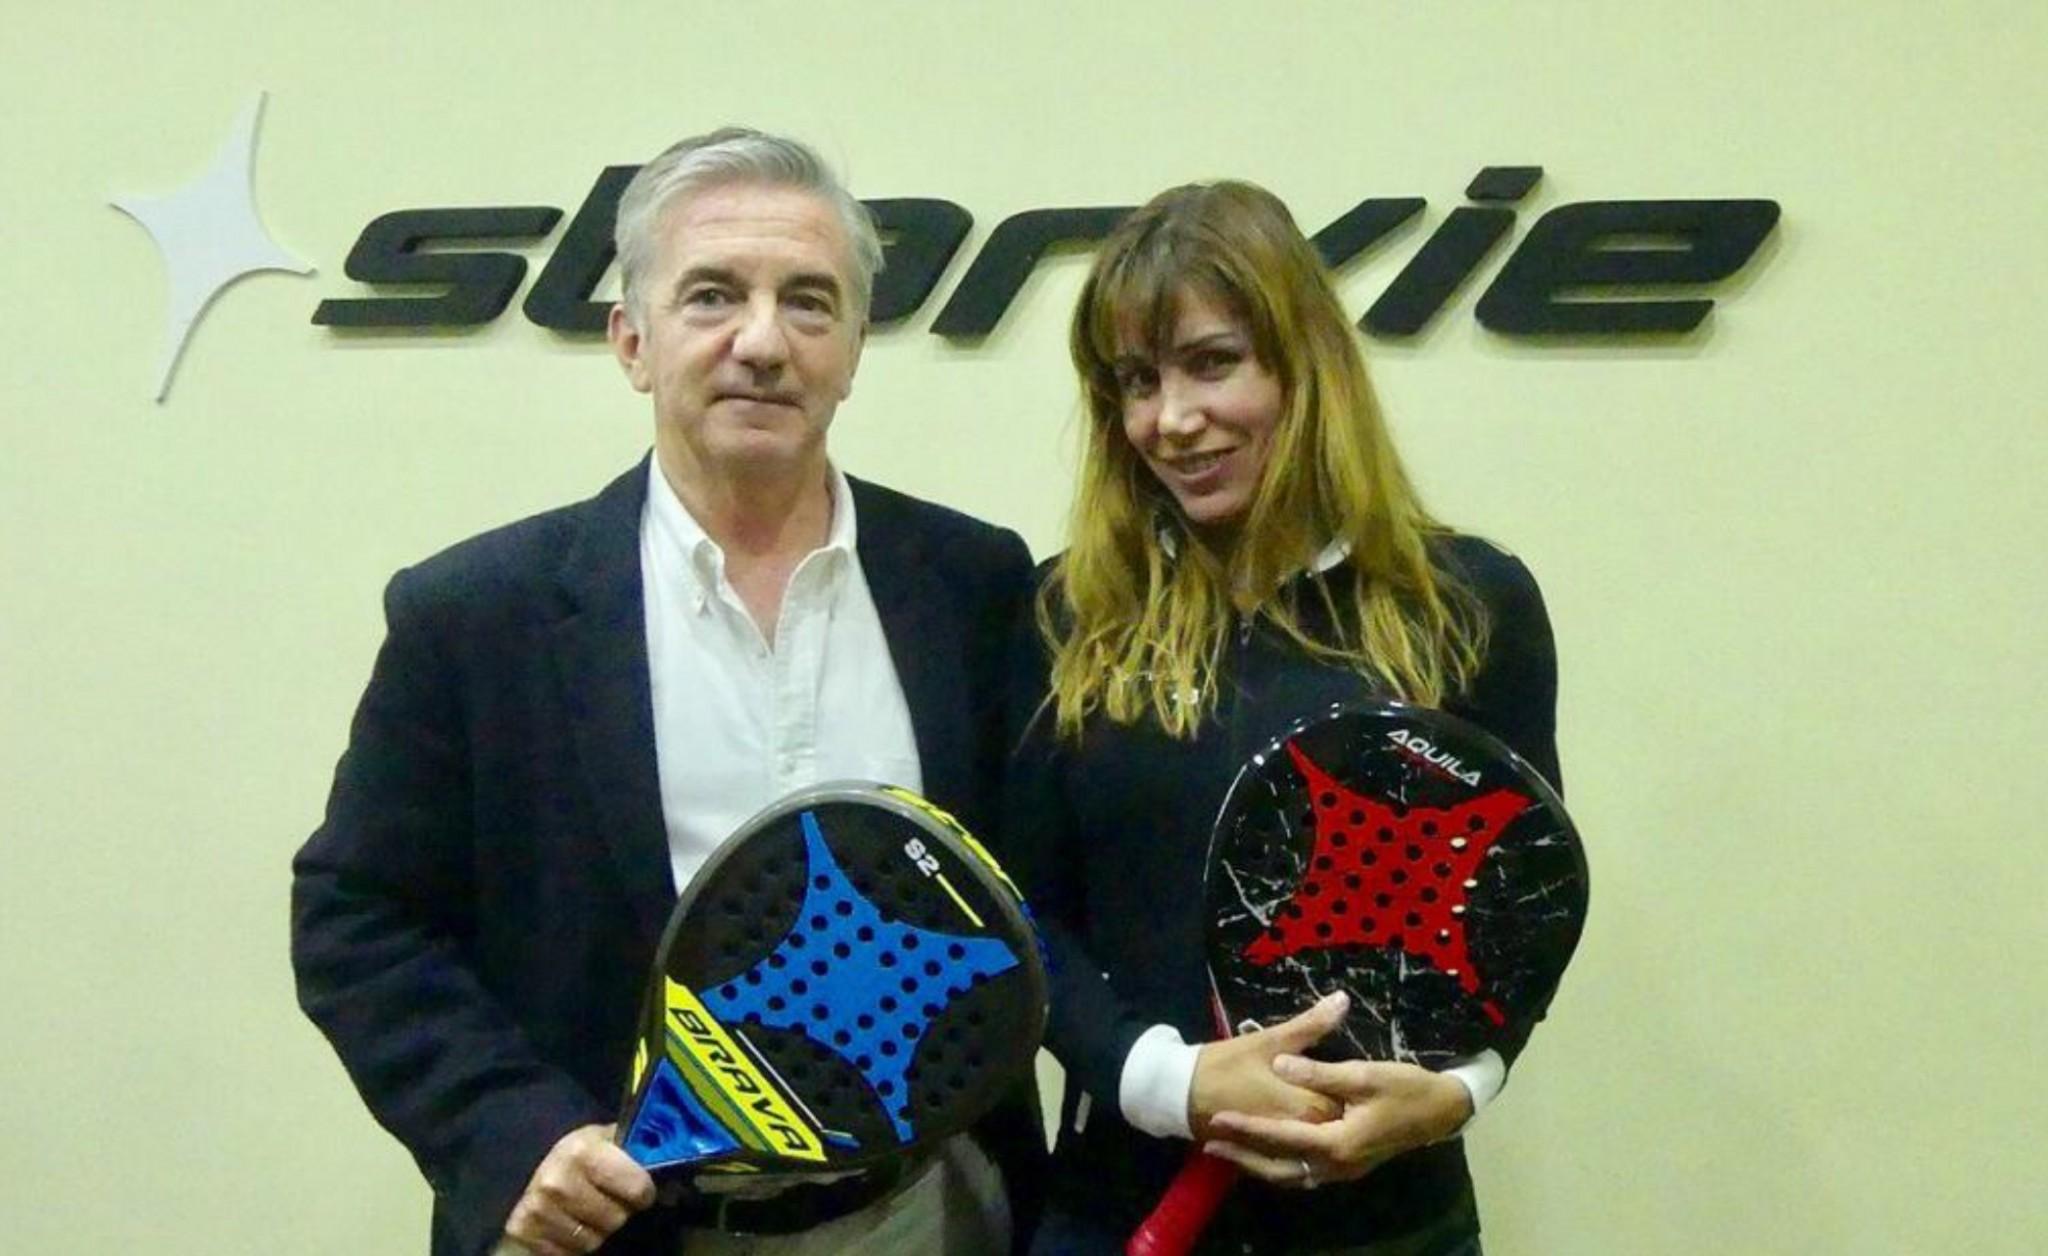 ロレナ・アロンソがStarVieチームに参加